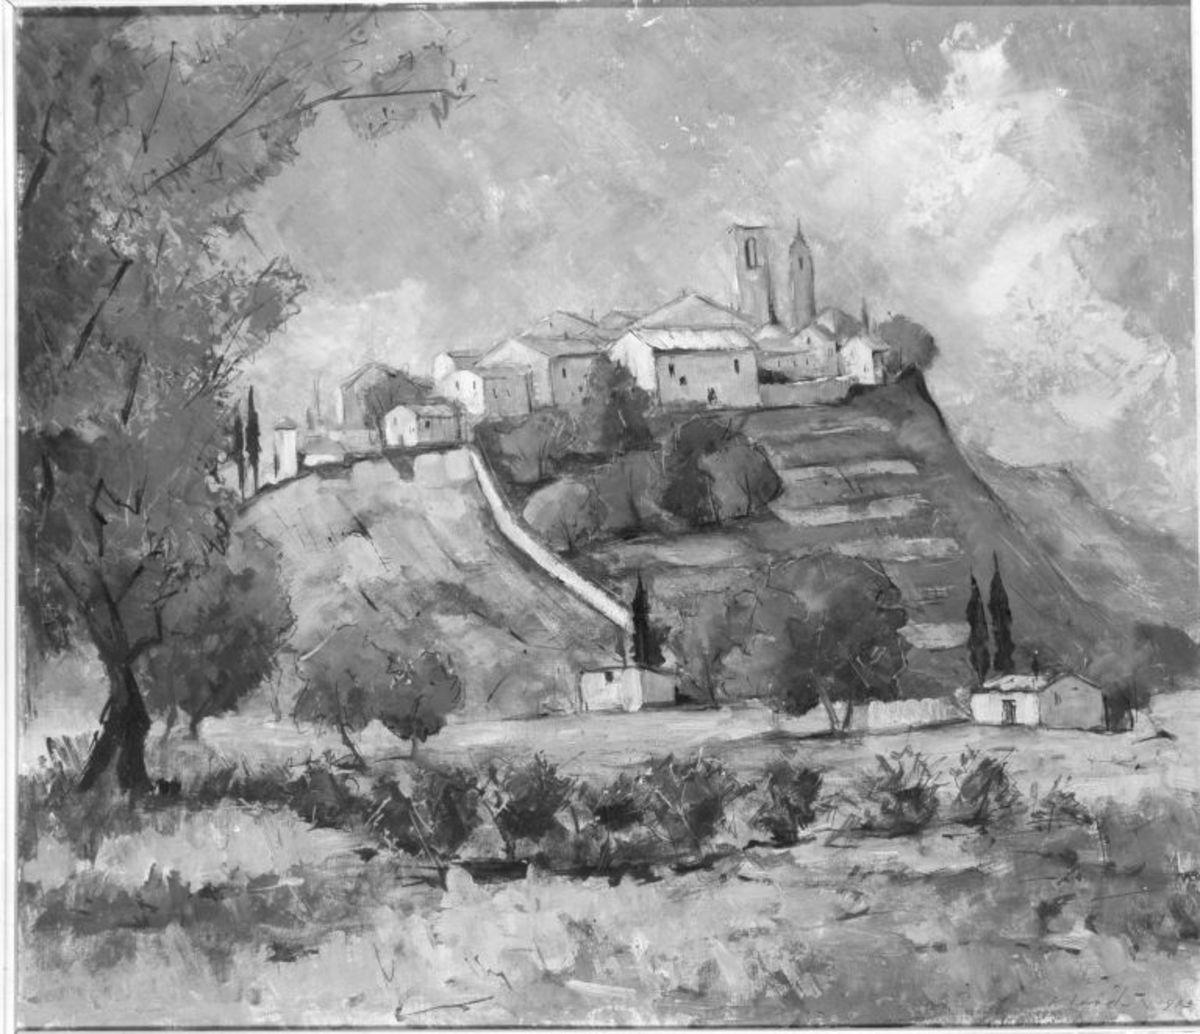 Südfranzösisches Bergdorf (Biot, Provence)